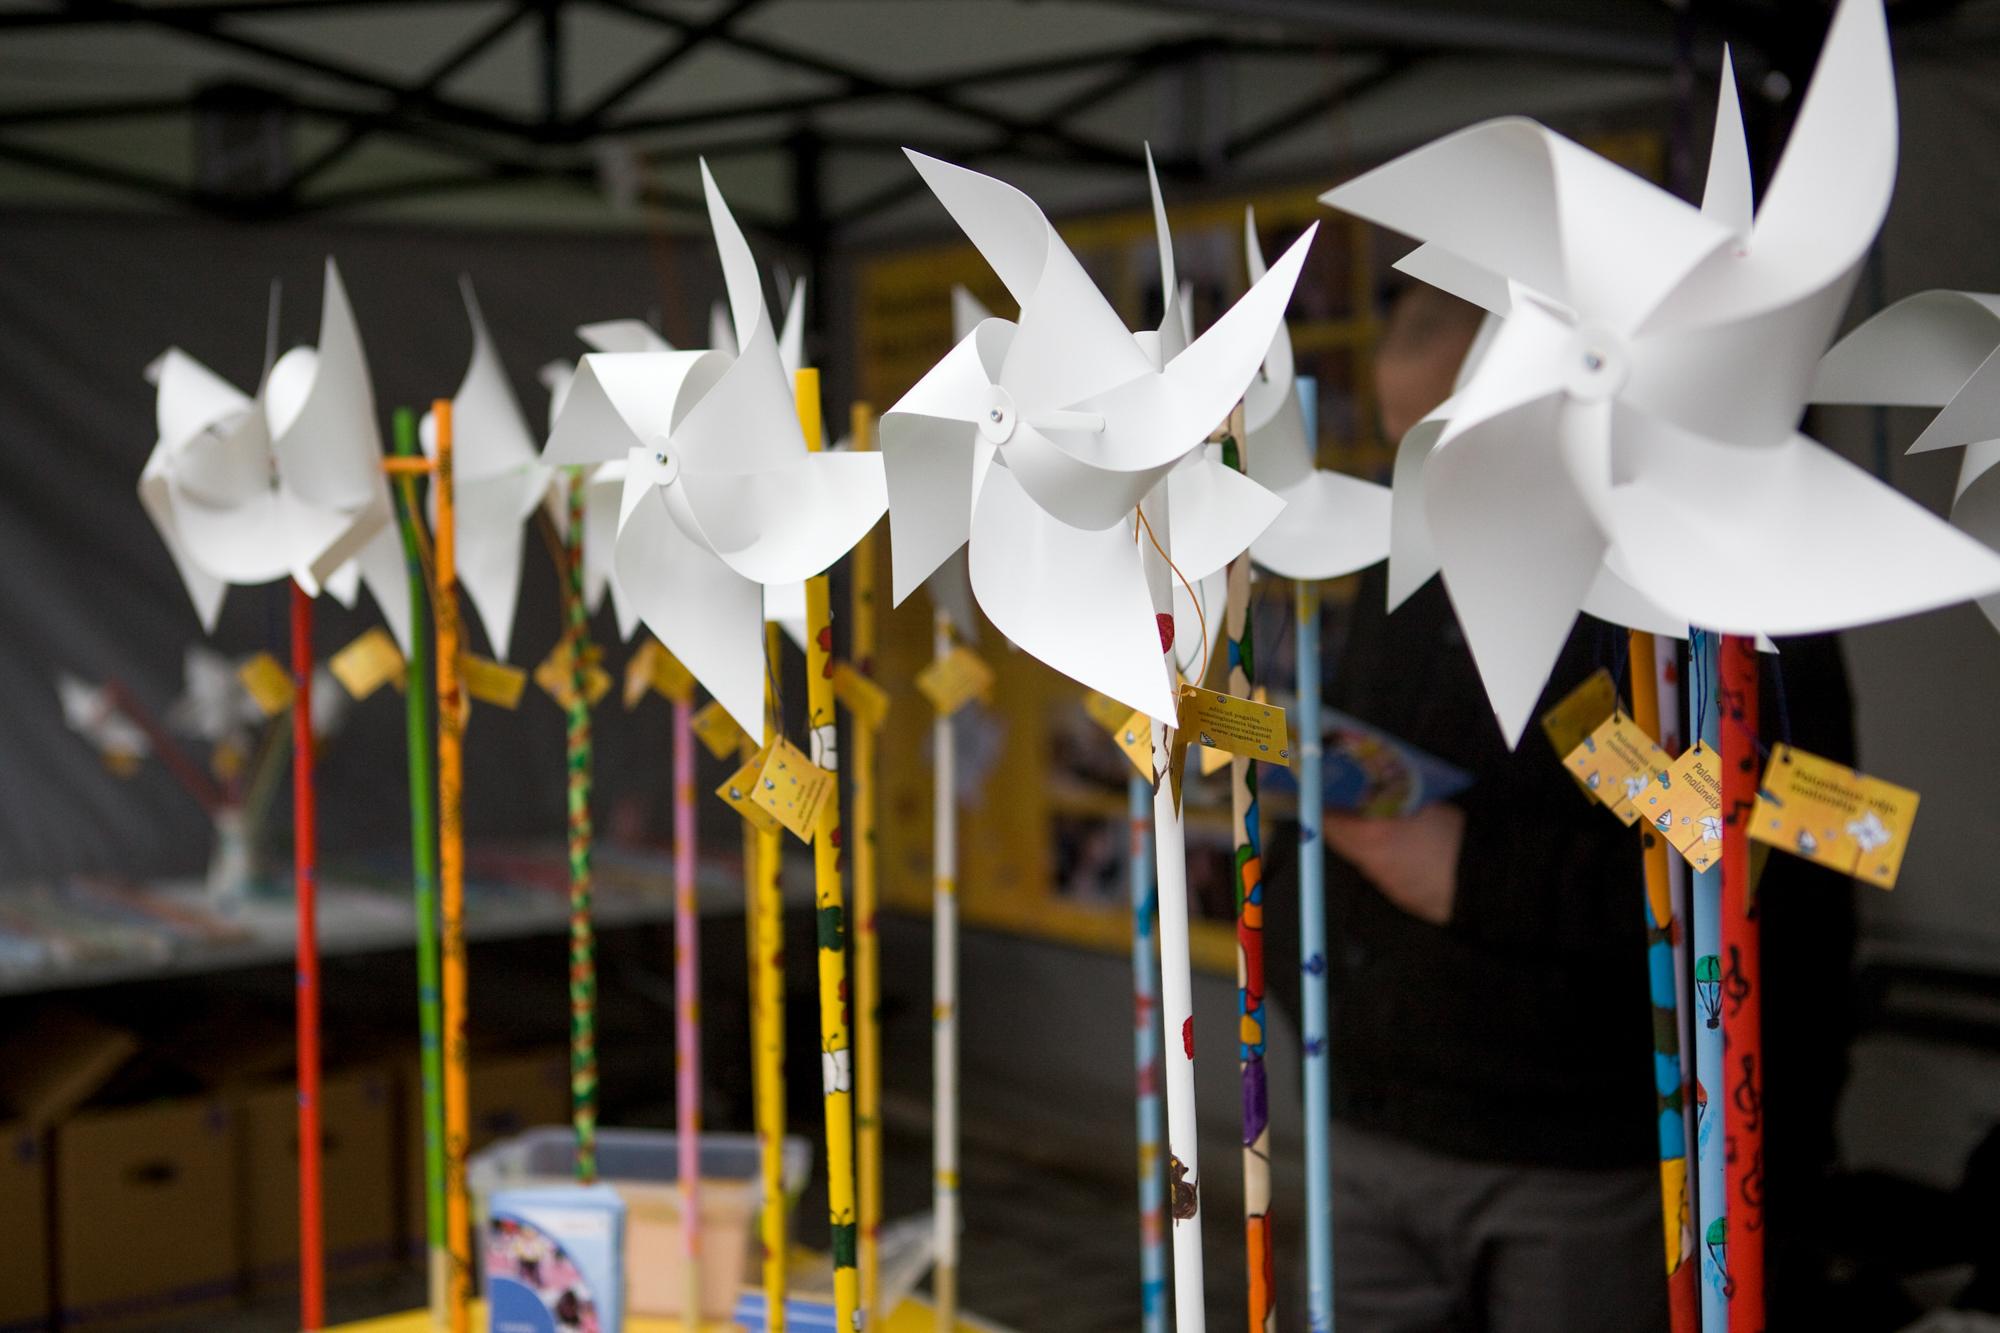 Palankaus vėjo malūnėliai 2016 | M. Salio nuotr.